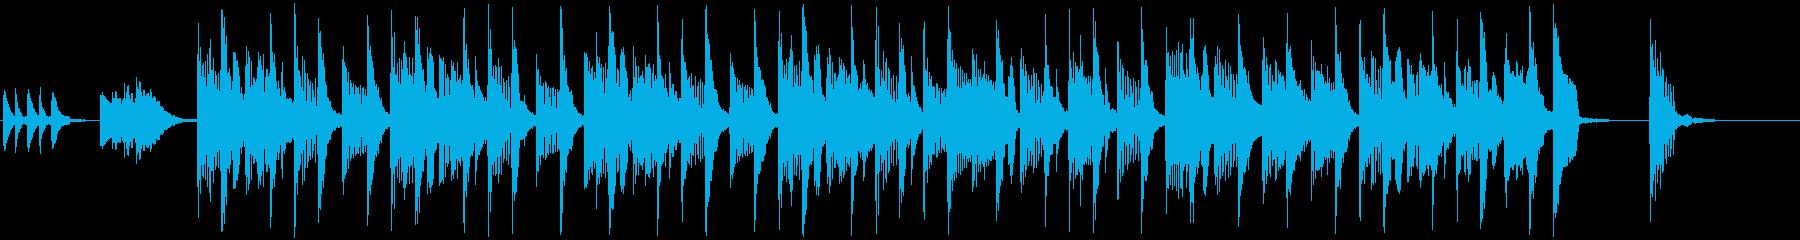 コミカル・ドタバタ(メロあり)ショートの再生済みの波形